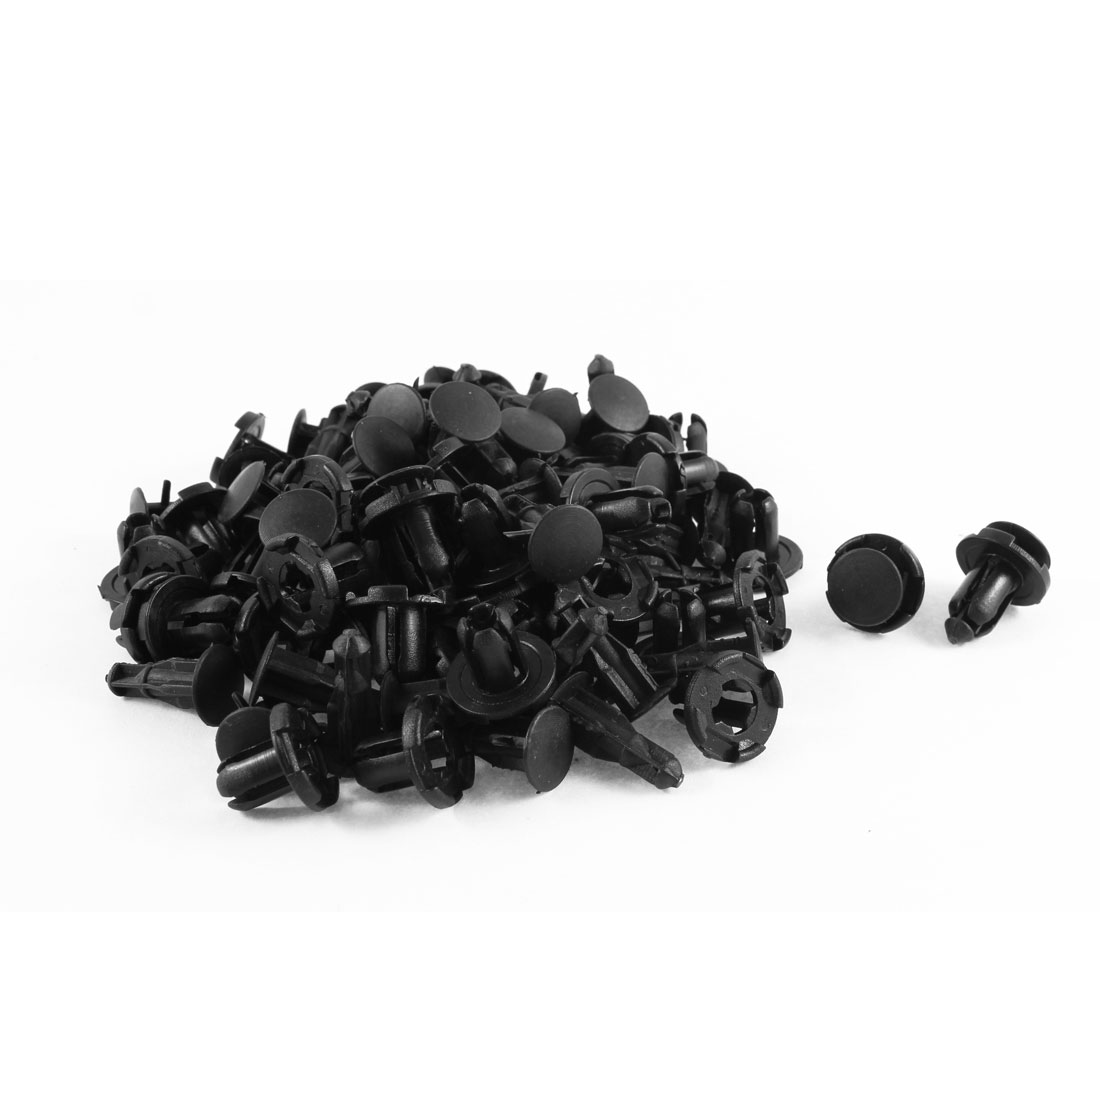 50 Pcs 9mm Hole Dia Bumper Fender Plastic Rivets Retainer Clip Black for Honda - image 1 de 1